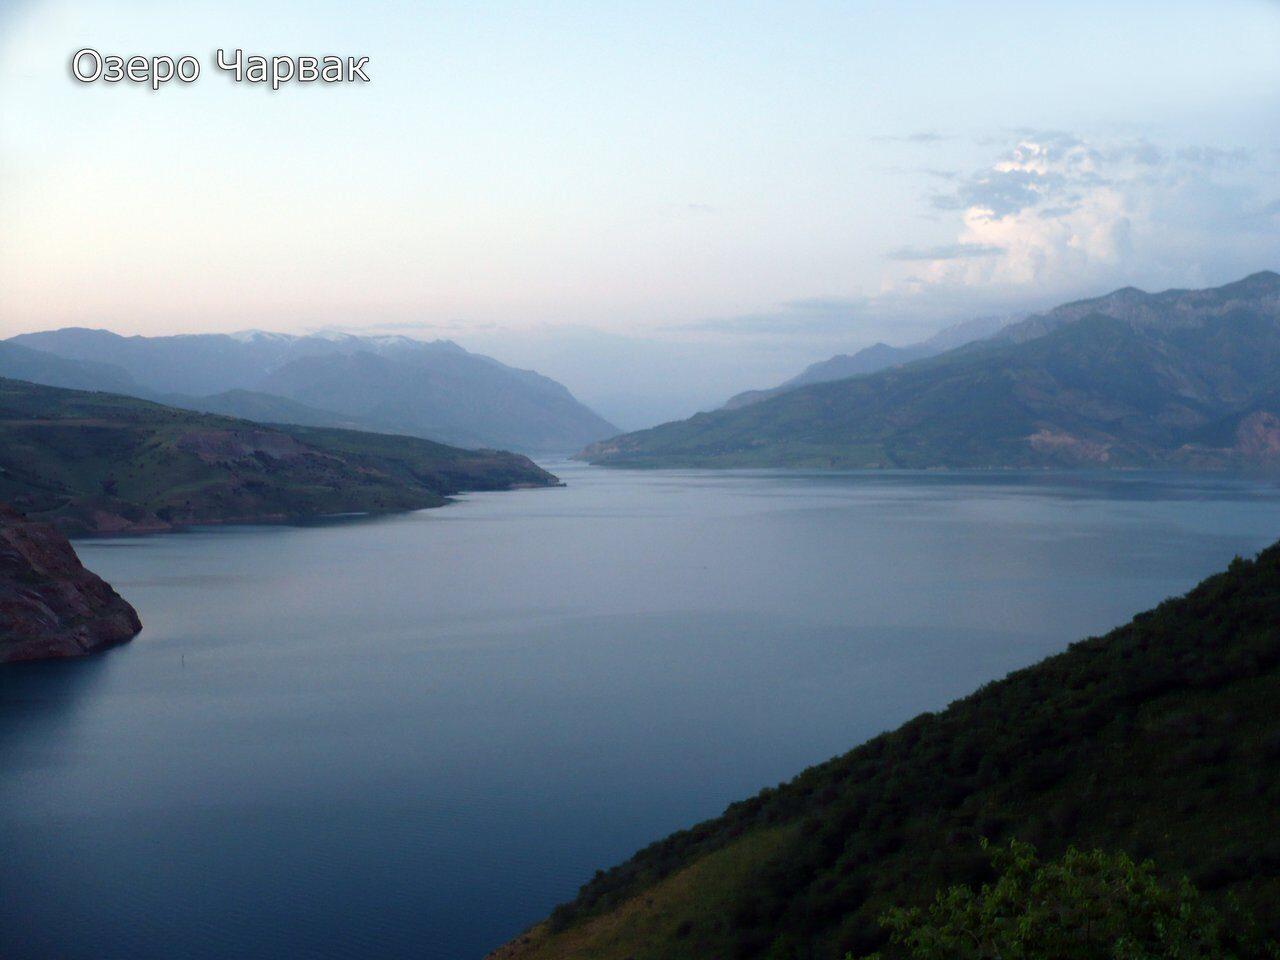 Горные озёра в Узбекистане. Озеро Чарвак